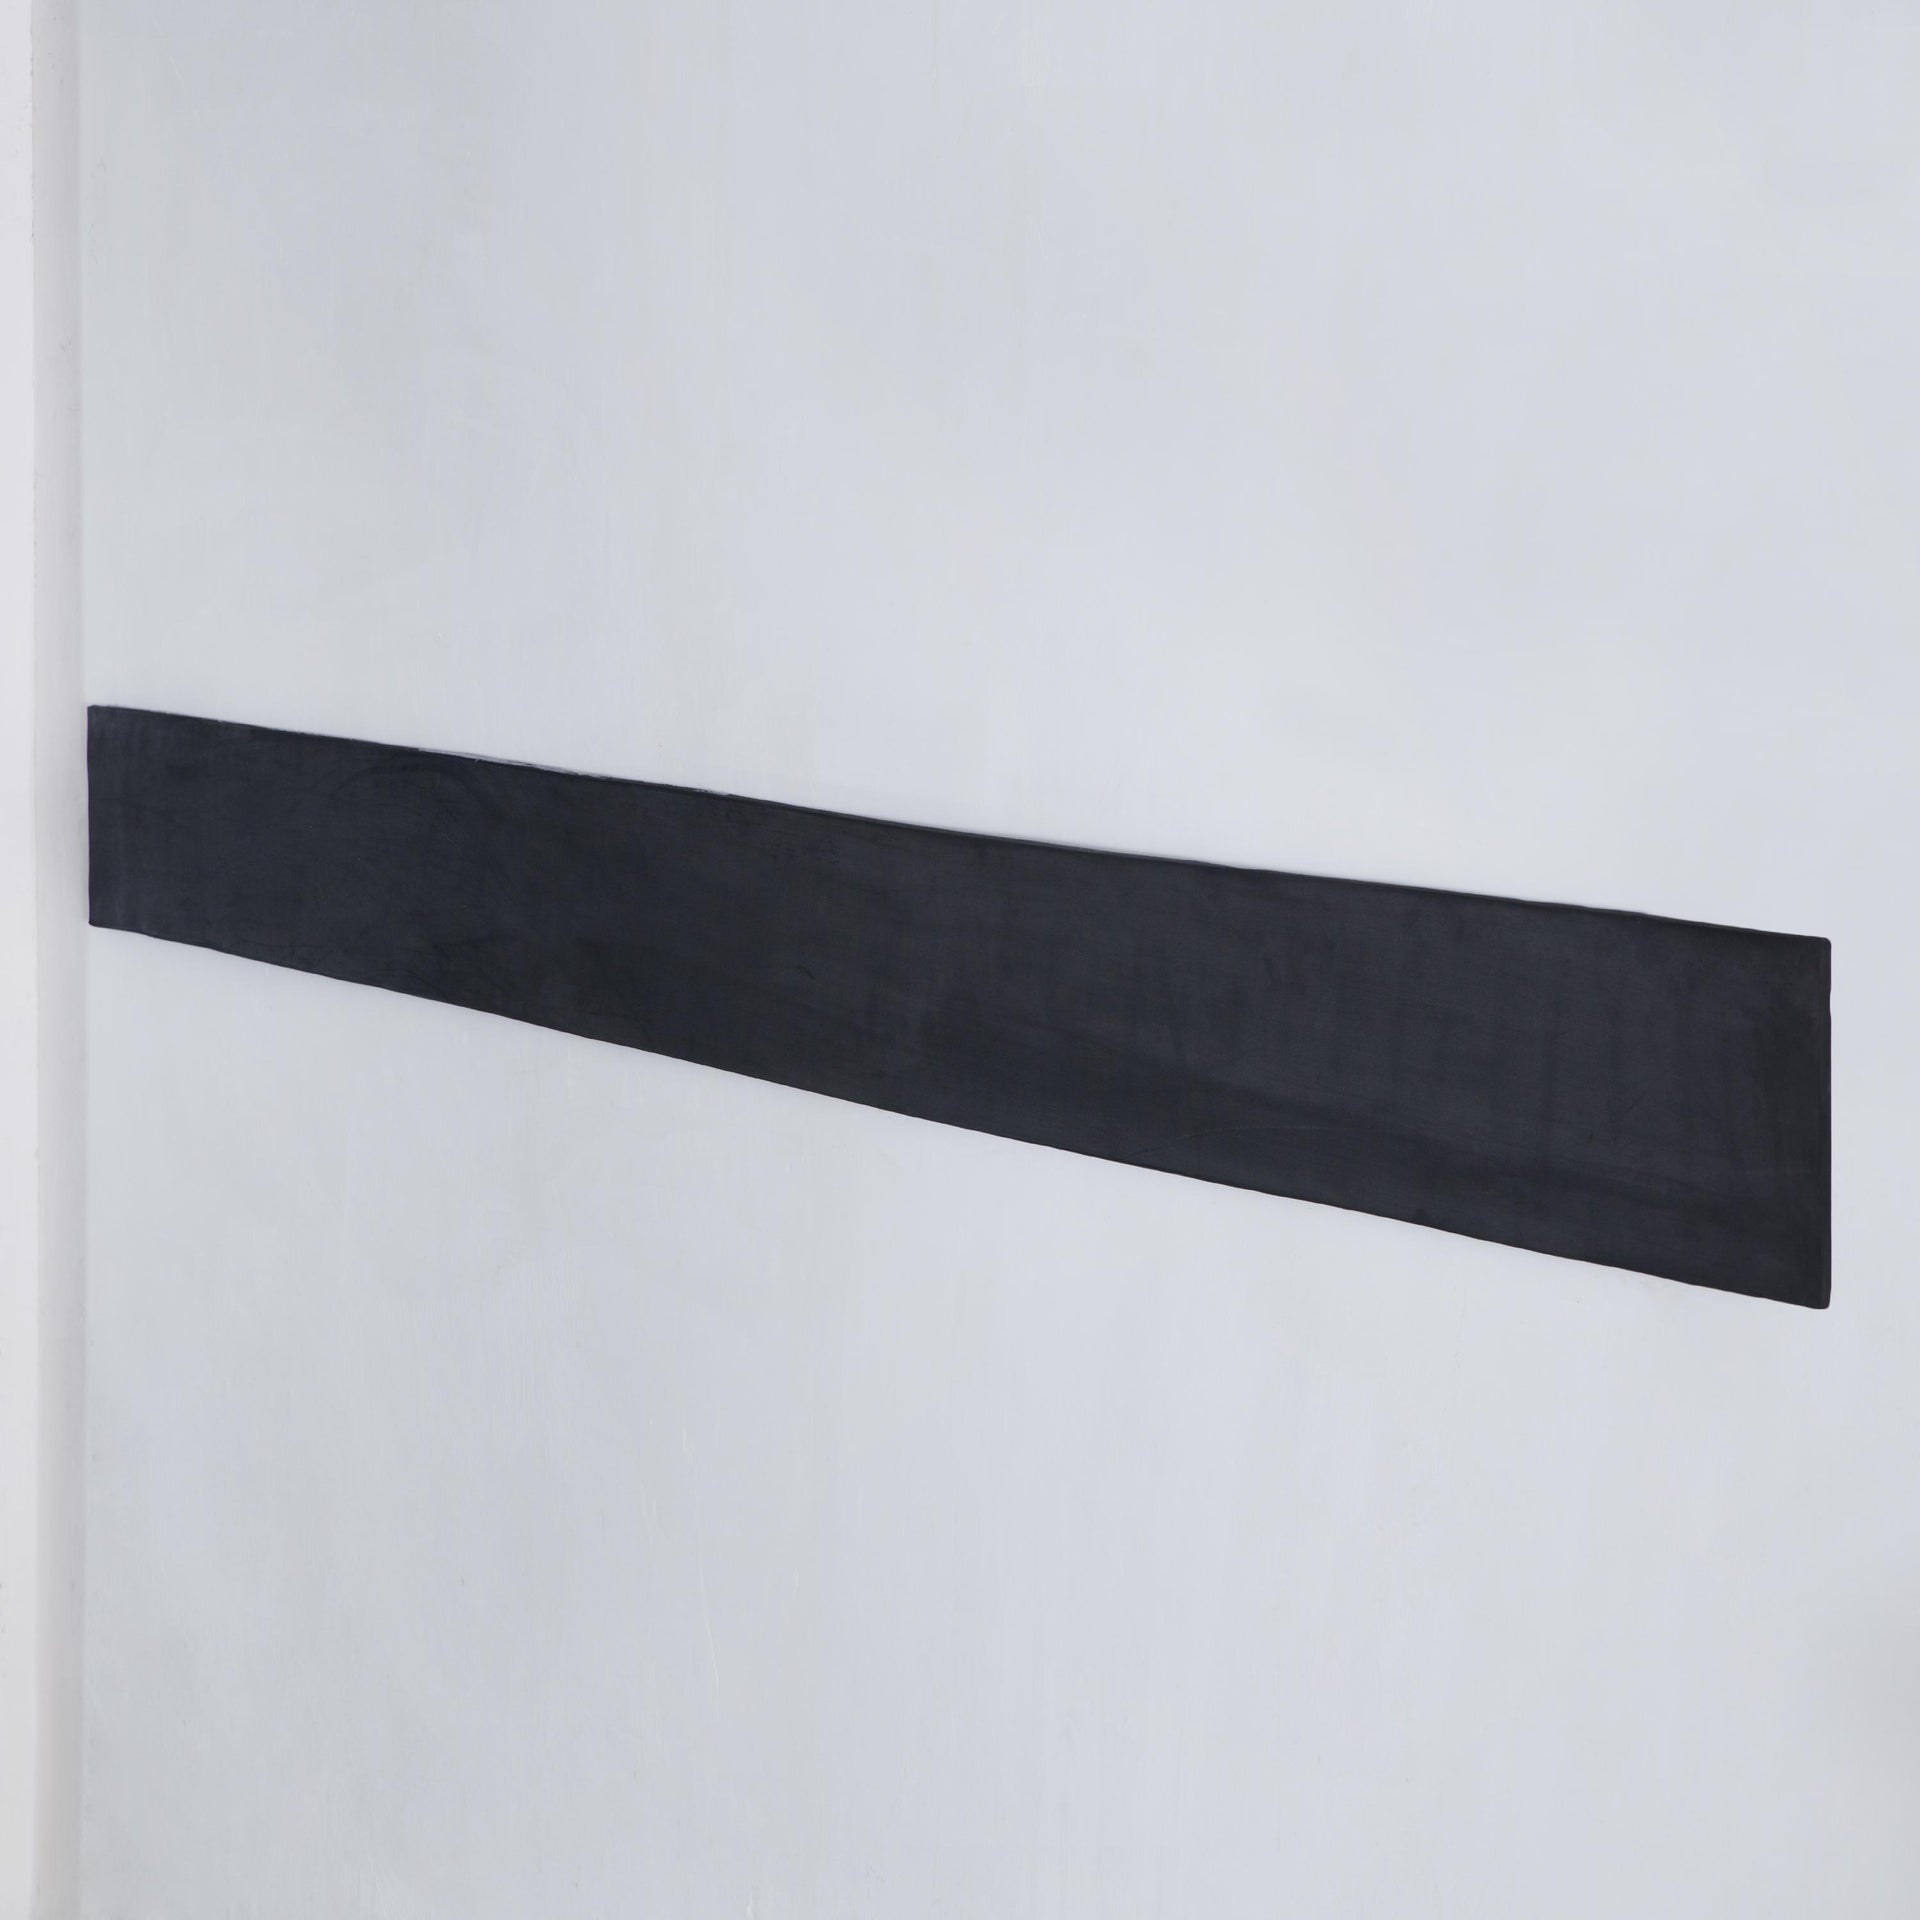 Protezione per garage in polietilene L 200 x H 200 cm nero - 5